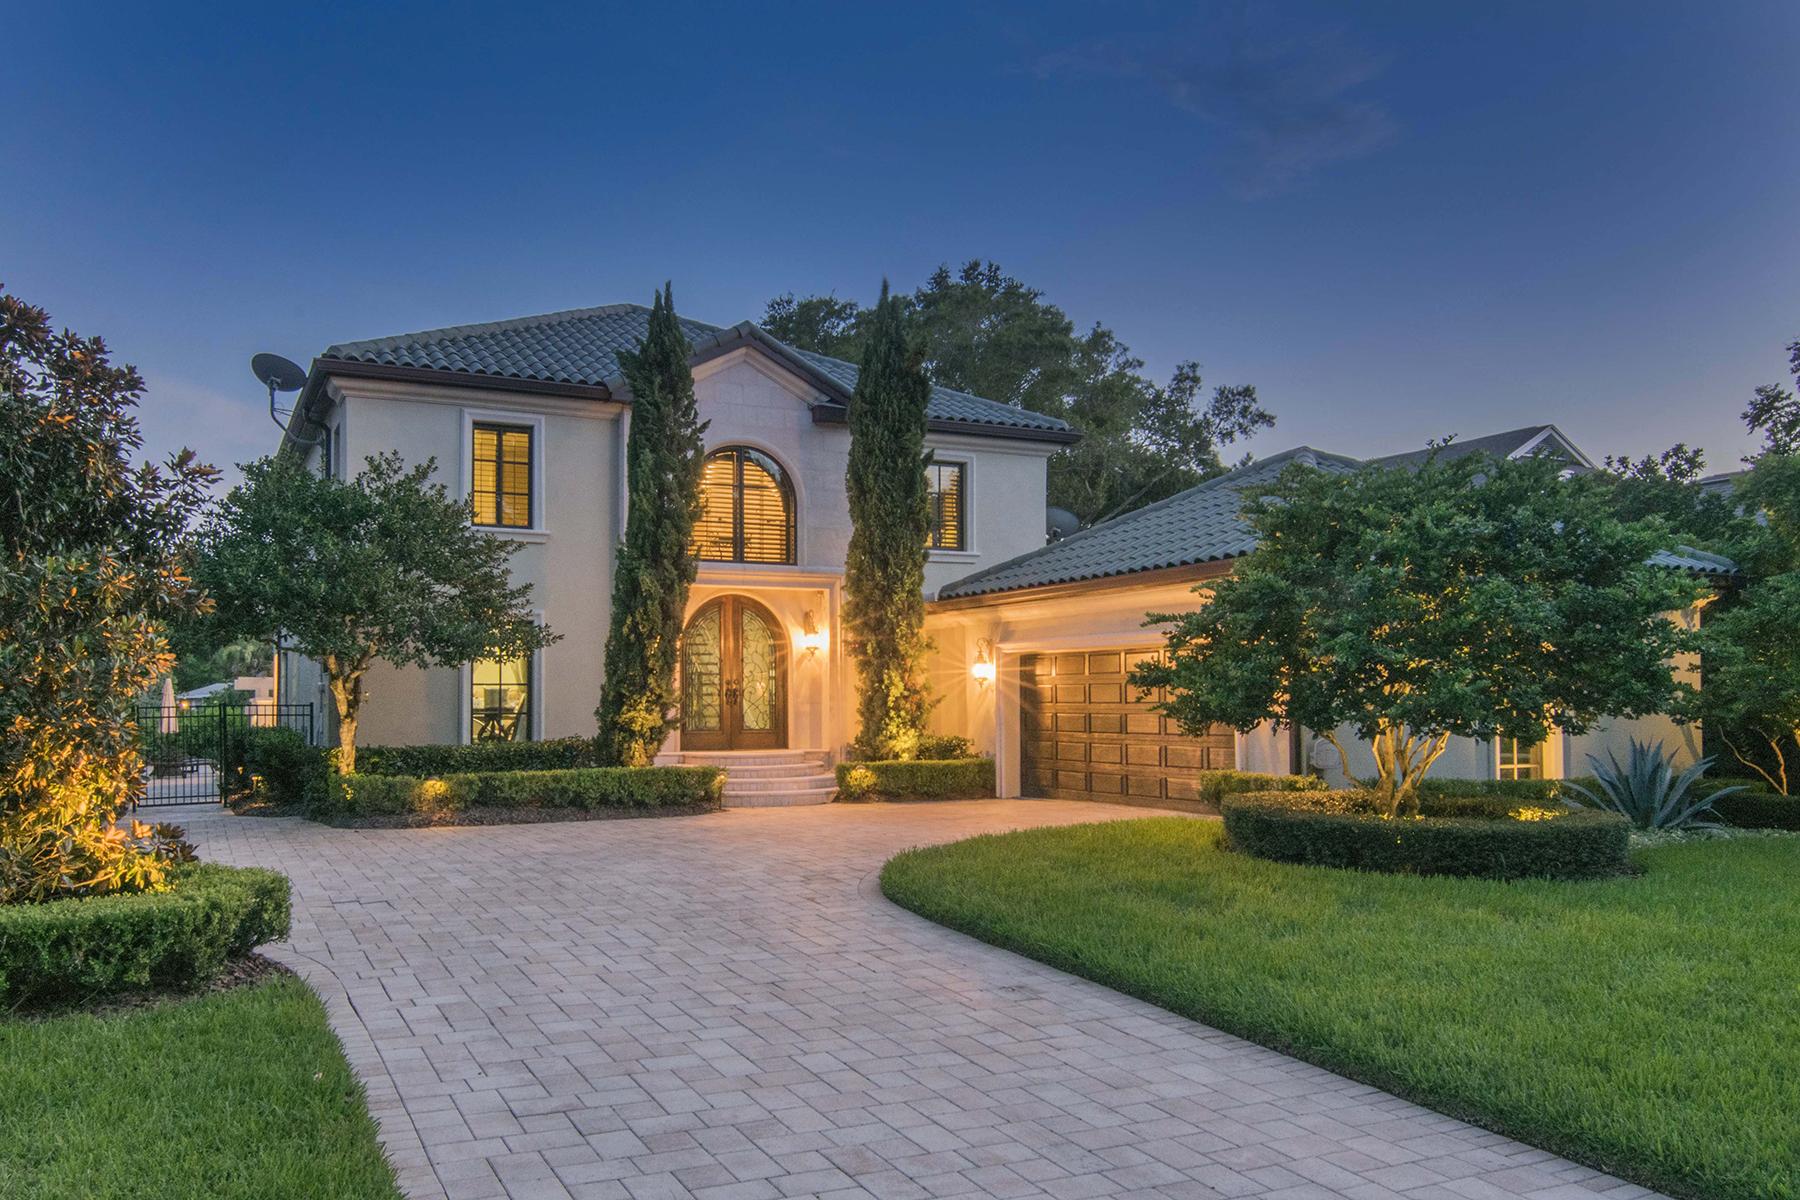 Maison unifamiliale pour l Vente à SOUTH TAMPA 5008 W Leona St Tampa, Florida 33629 États-Unis